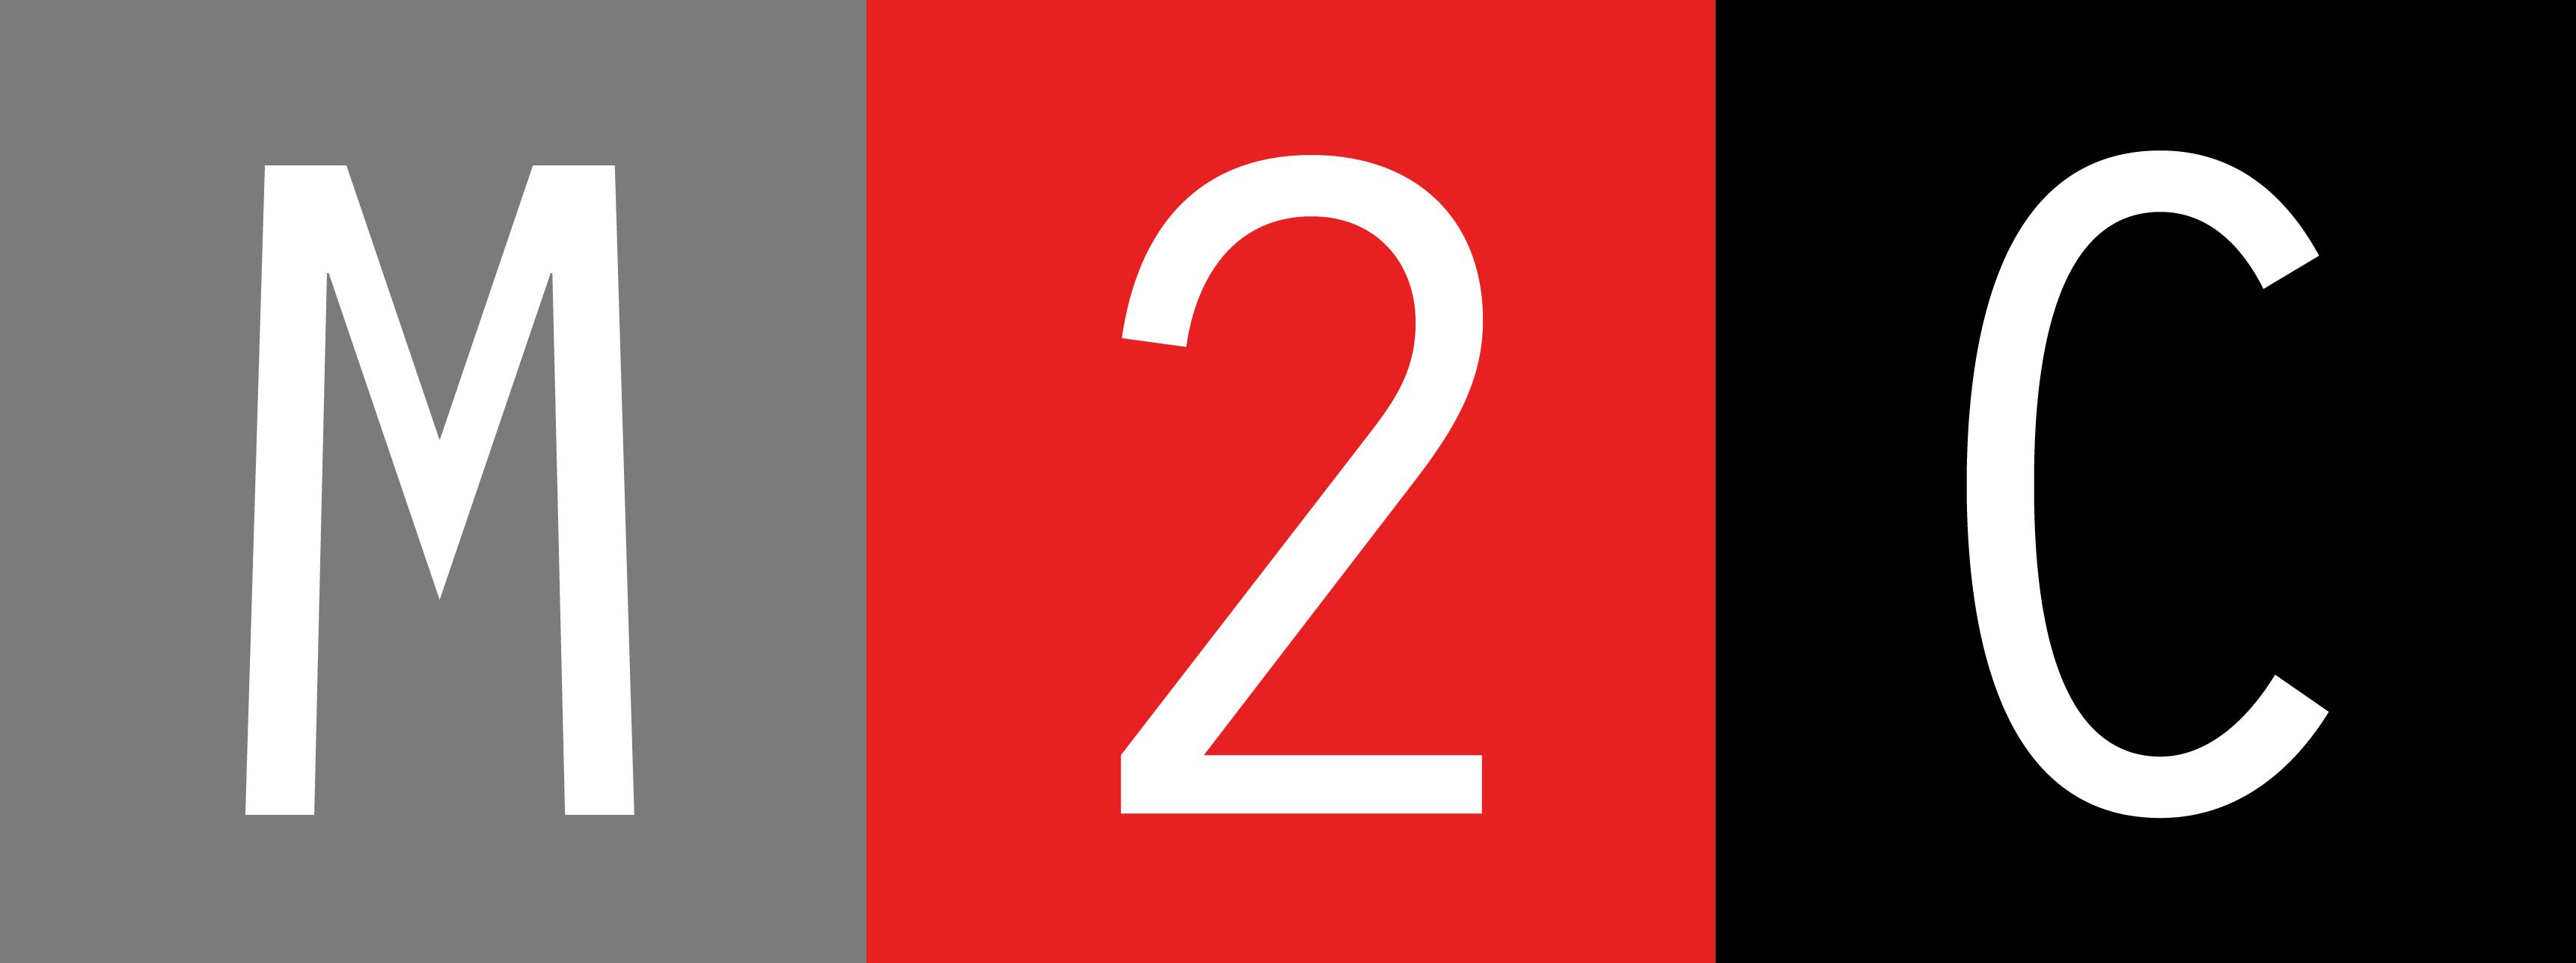 logo_m2c